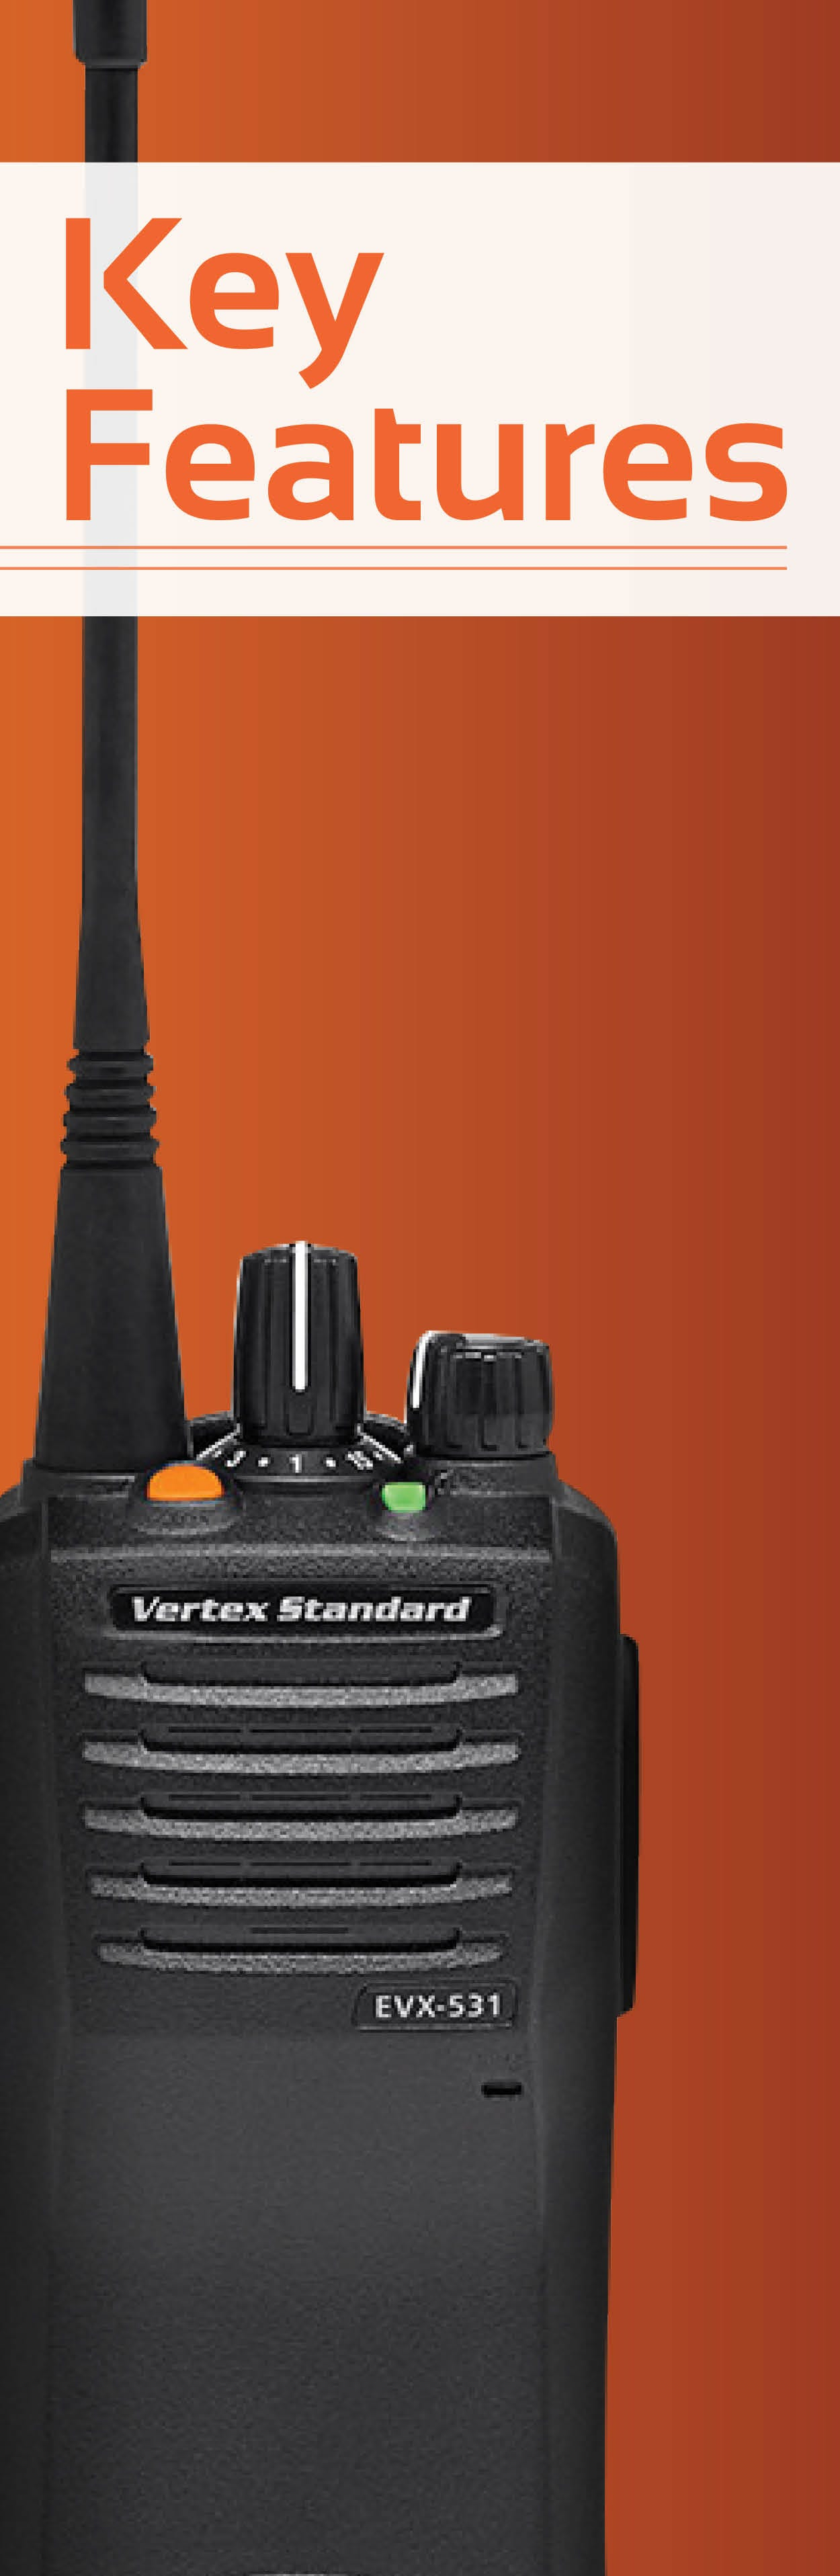 Vertex EVX-531 Features